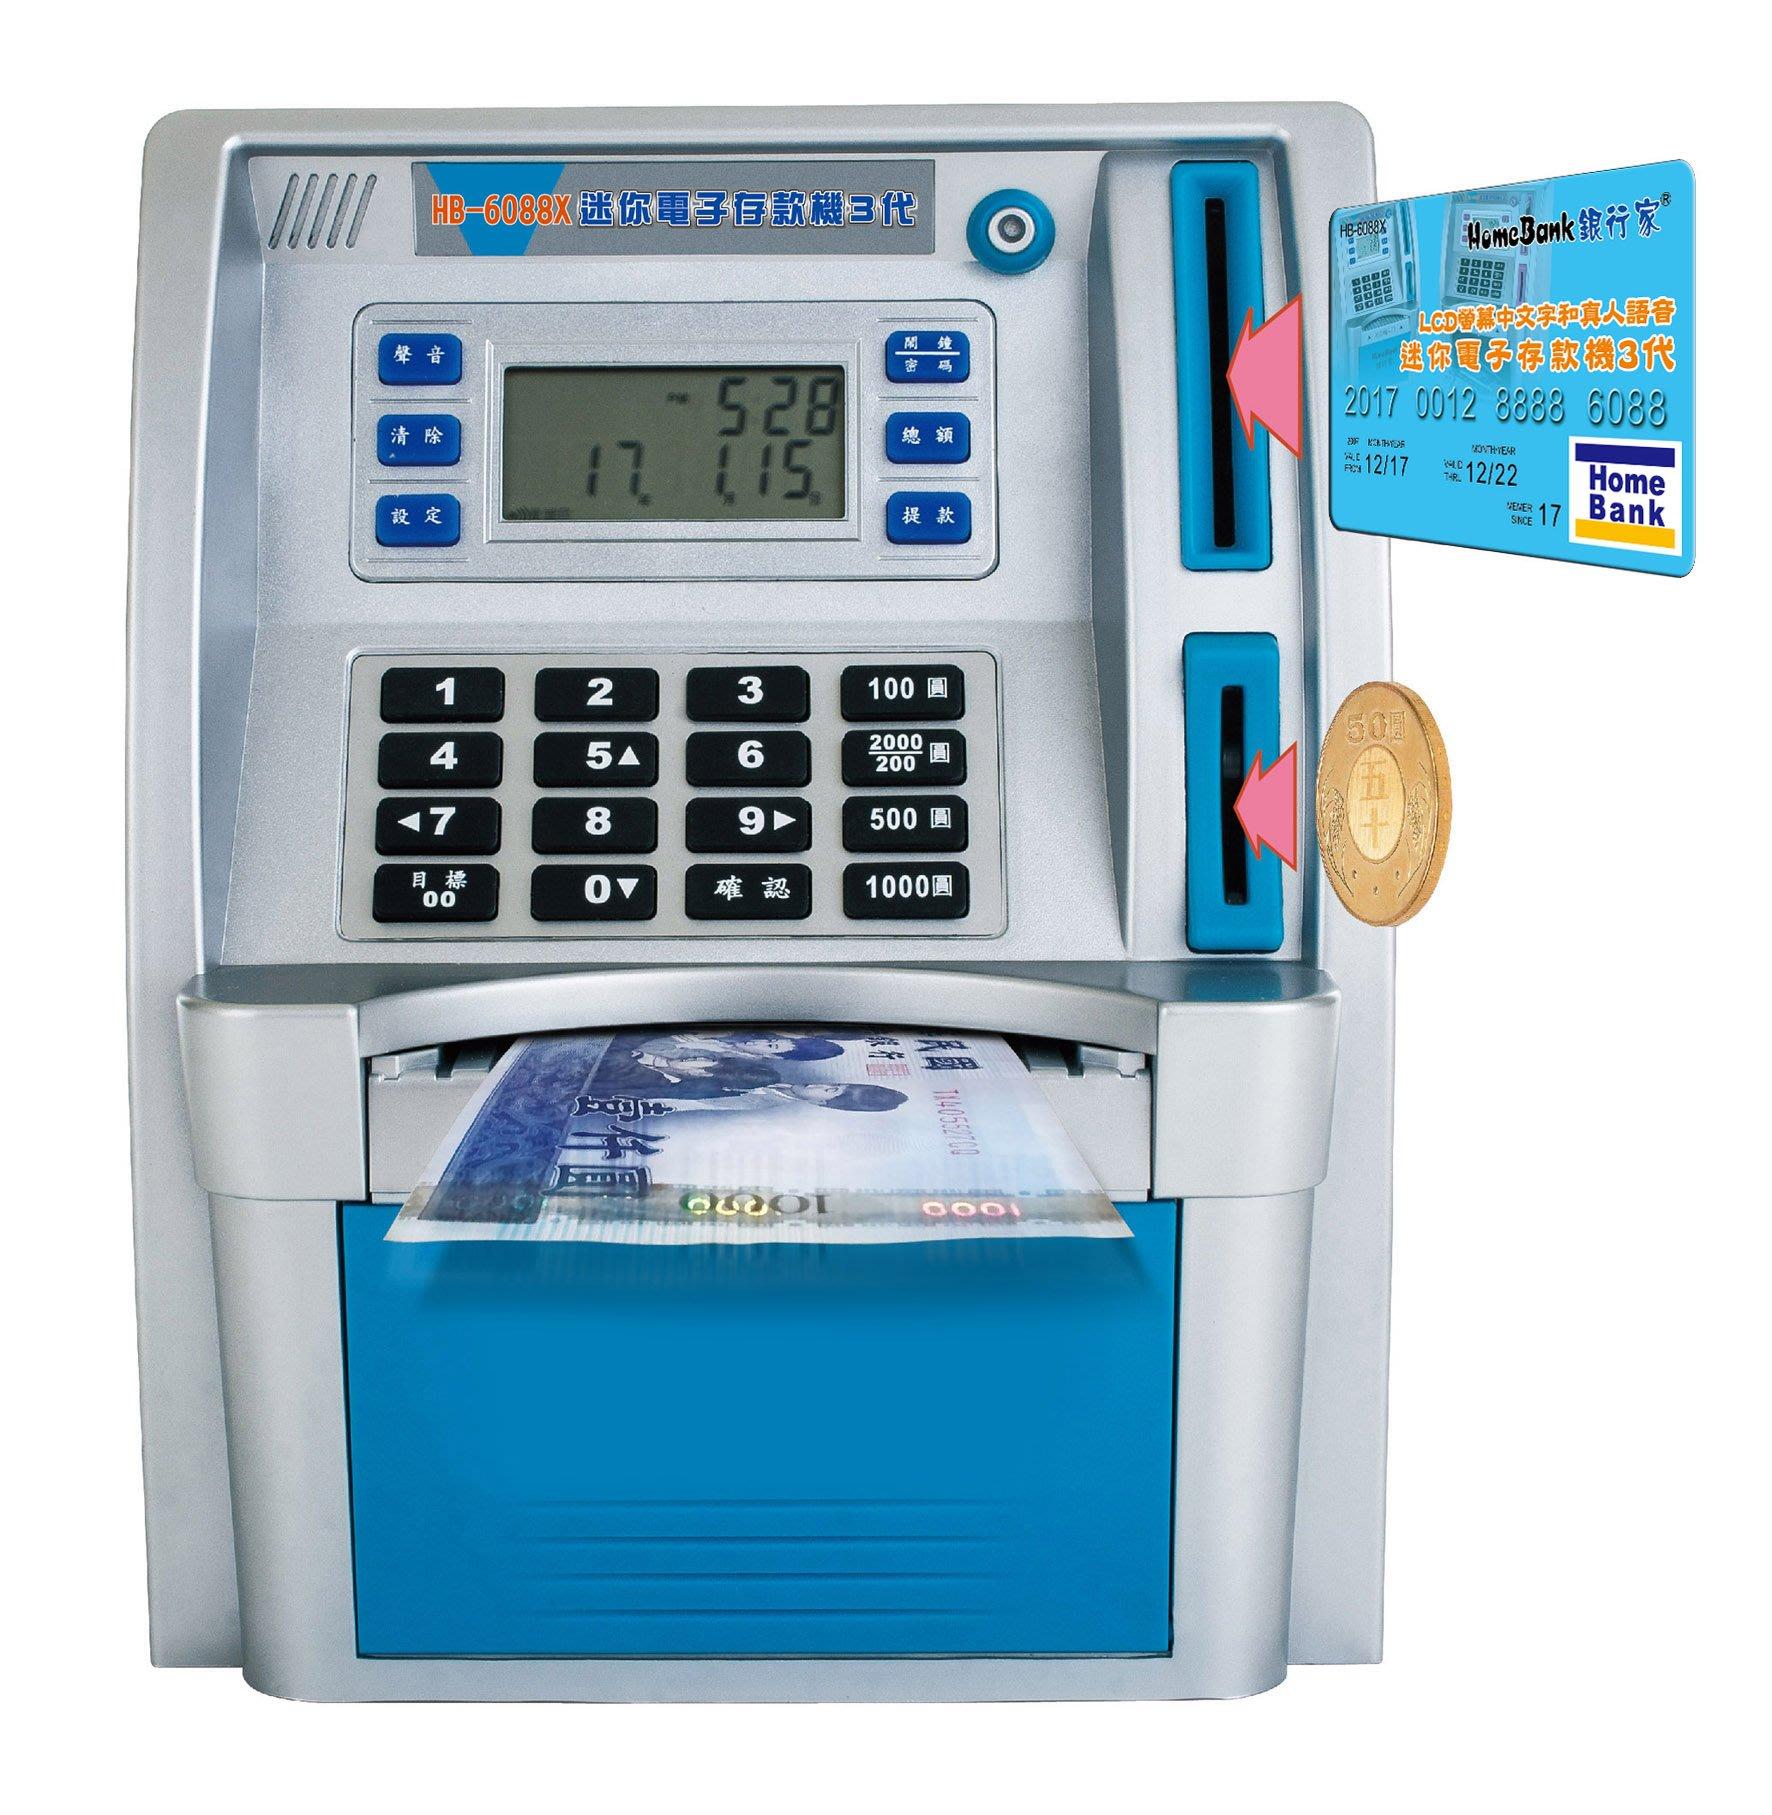 新銀行家HomeBank迷你電子存款機三代,LCD螢幕中文顯示,真人語音導引操作,硬幣自動讀幣及計算金額,紙鈔語音讀幣